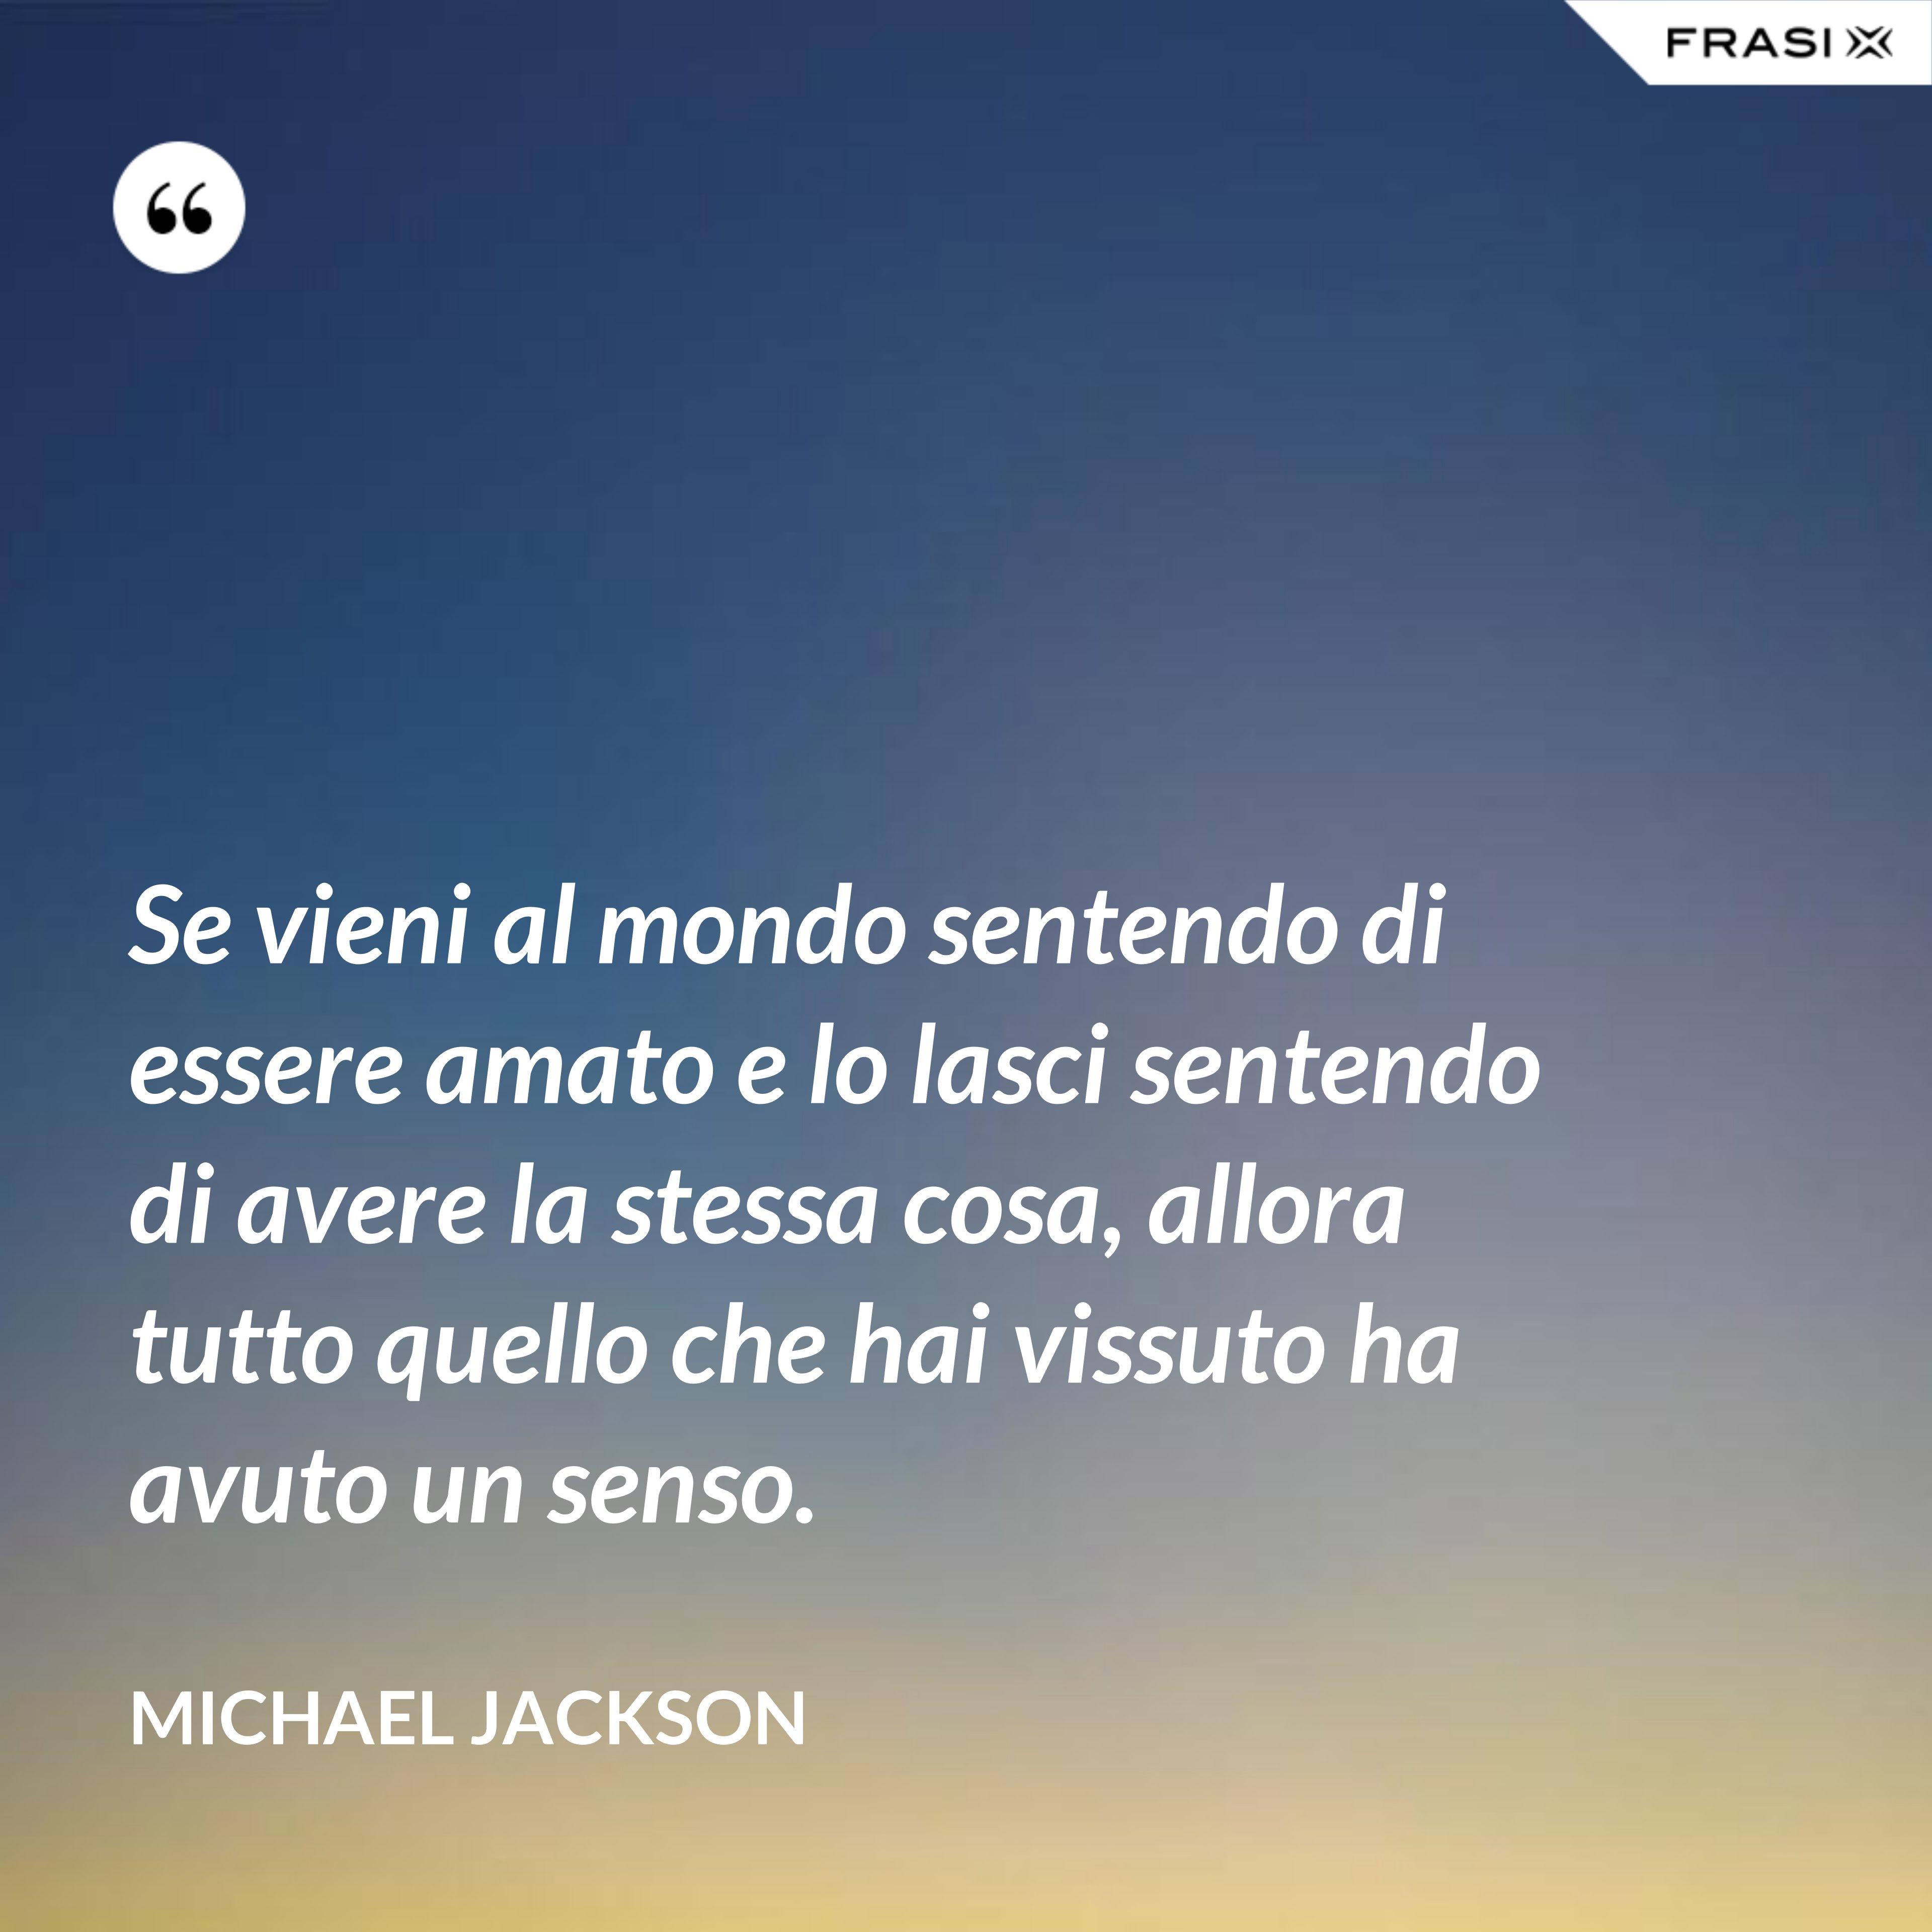 Se vieni al mondo sentendo di essere amato e lo lasci sentendo di avere la stessa cosa, allora tutto quello che hai vissuto ha avuto un senso. - Michael Jackson